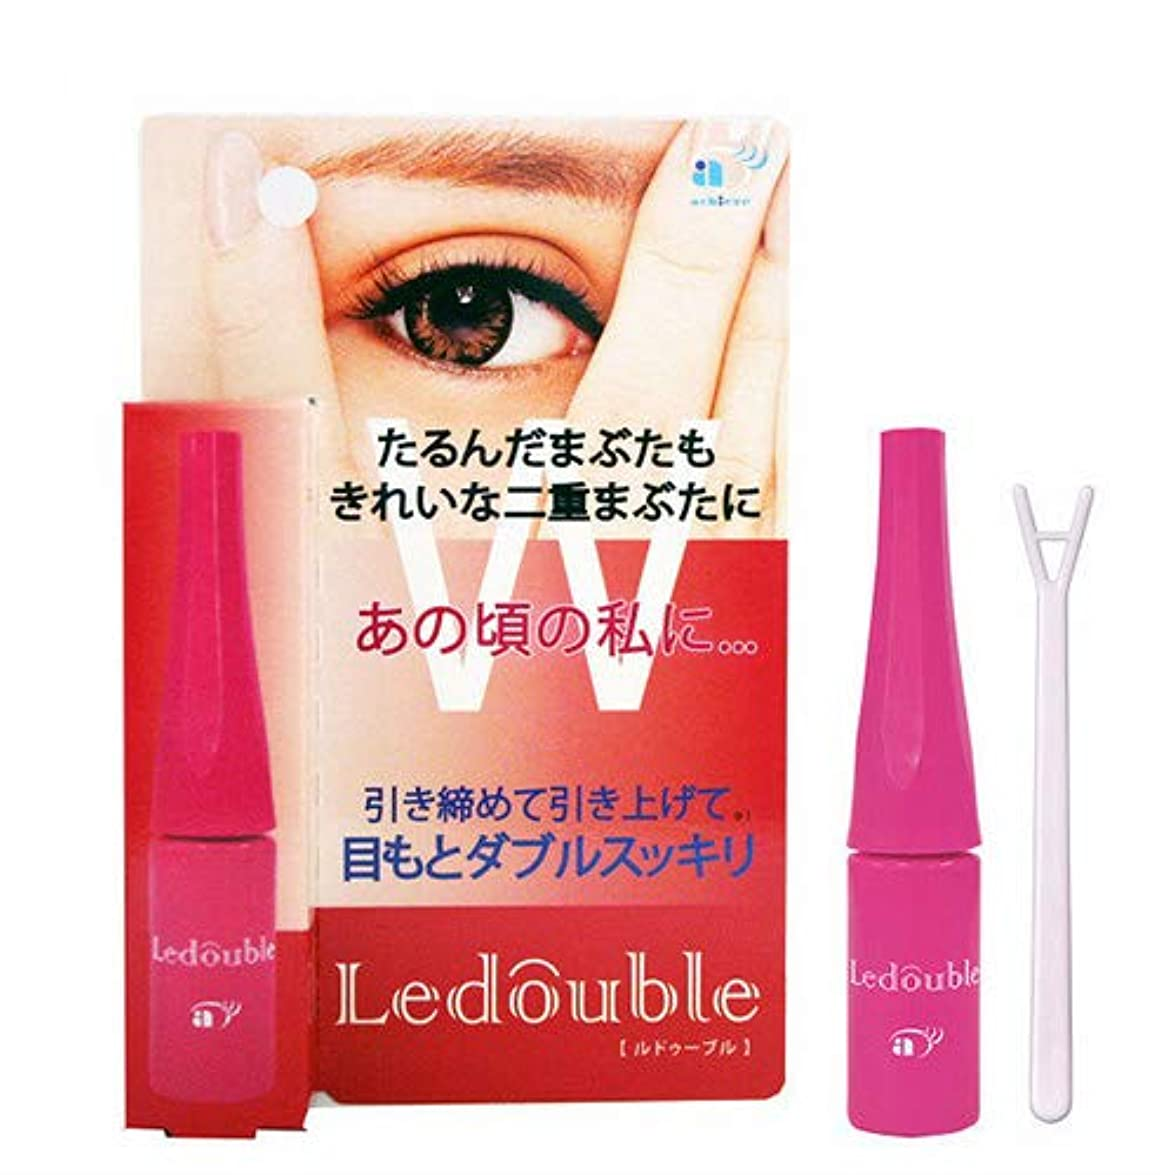 マイコンエキススクランブル大人のLedouble [大人のルドゥーブル] 二重まぶた化粧品 (4mL)×2個セット